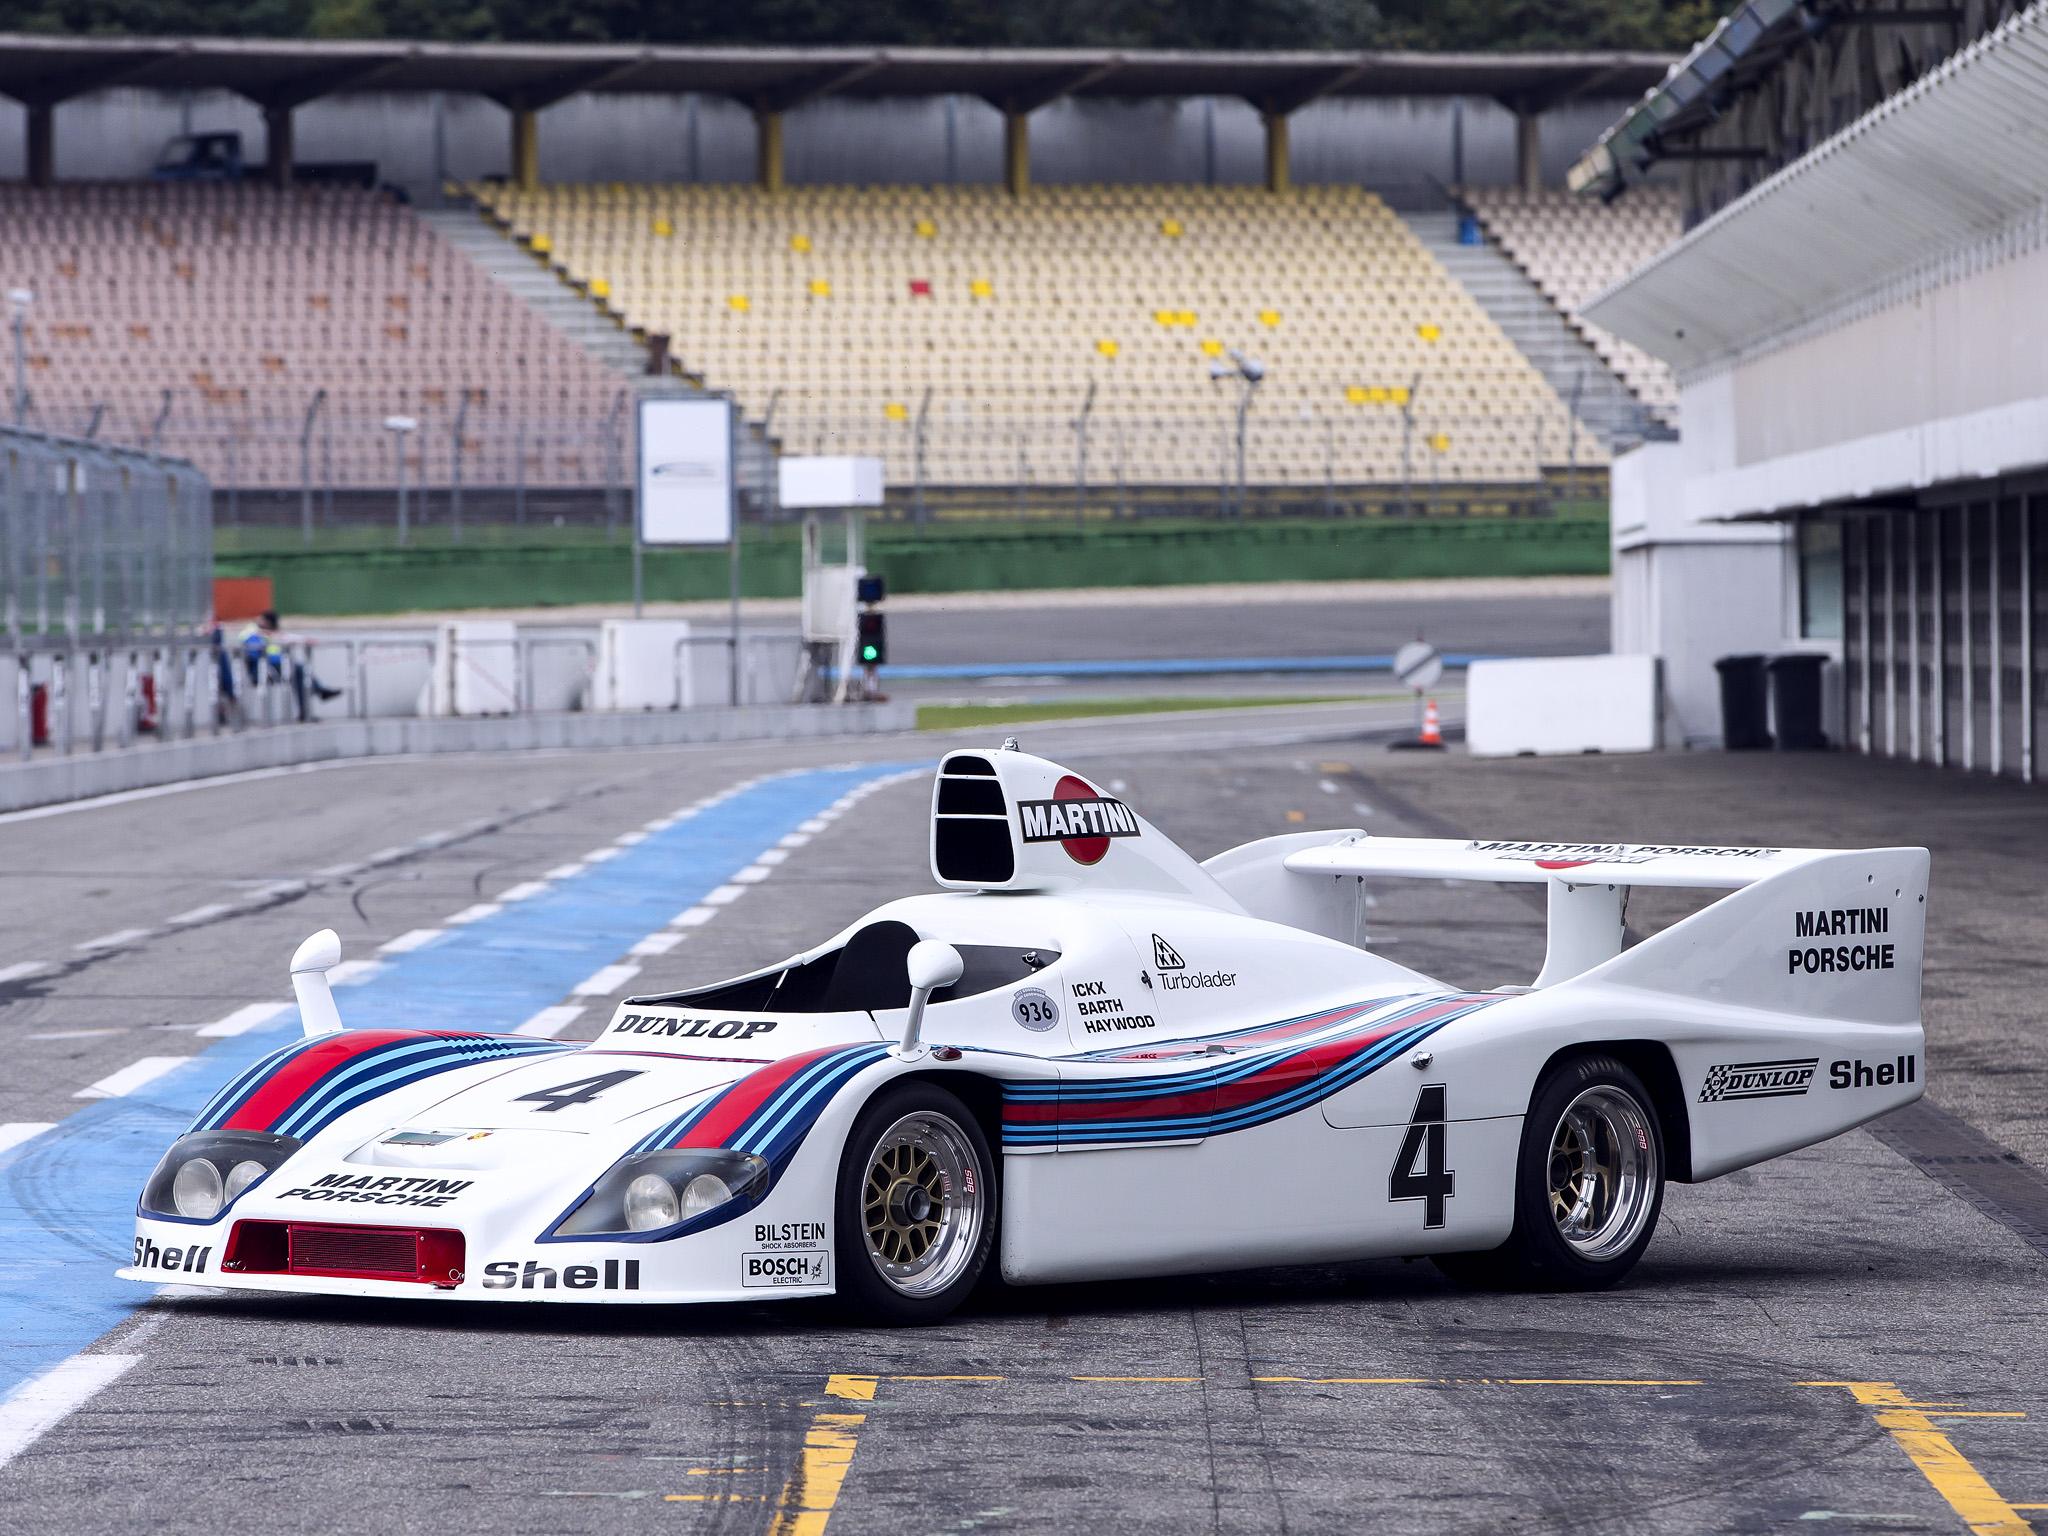 1977 Porsche 936 77 Spyder Race Racing Le Mans 936